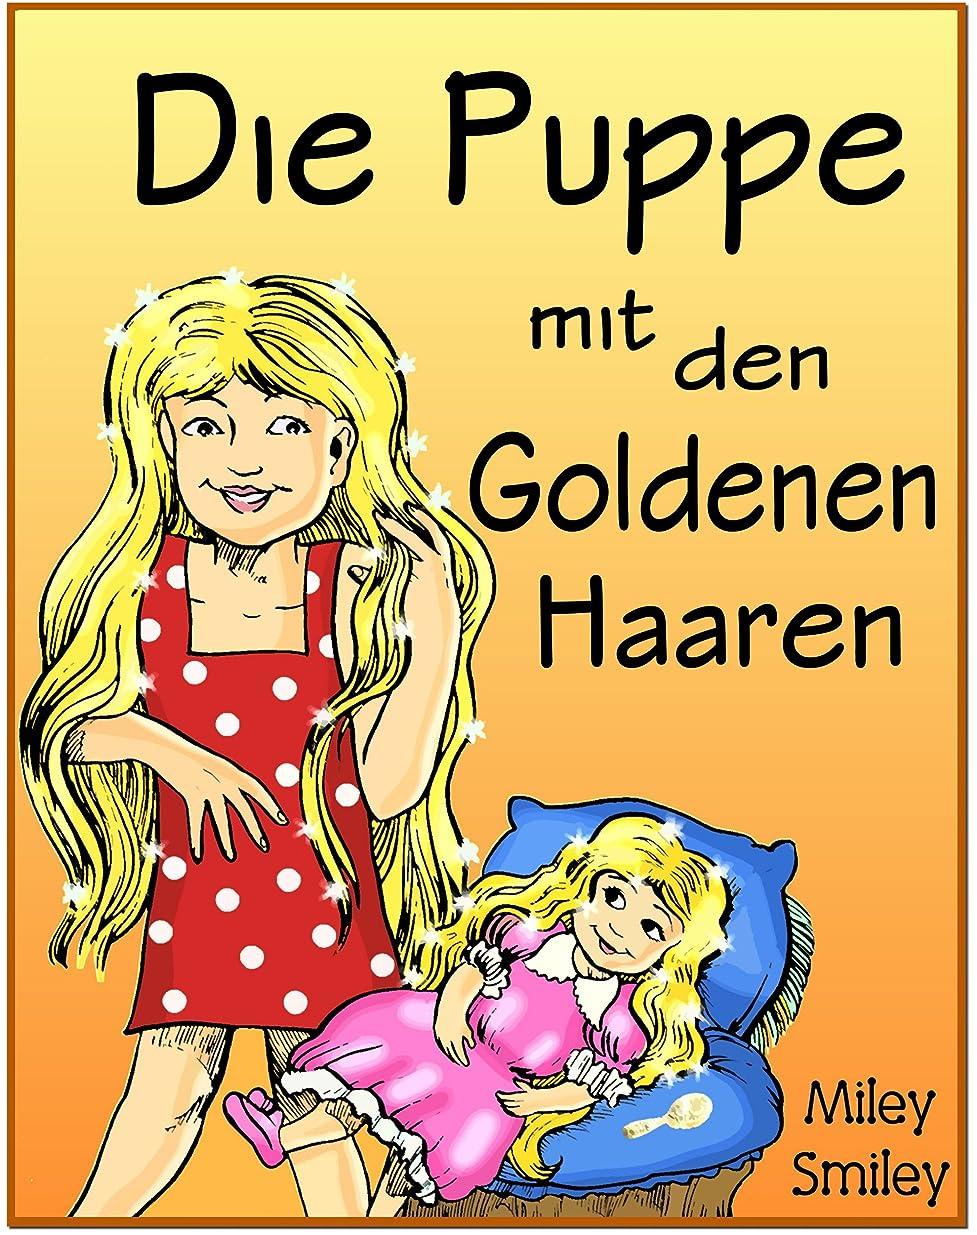 狂うスリンク前売Gutenachtgeschichten fur Kinder: Die Puppe mit den Goldenen Haaren (Kinderbucher im Alter von 4 - 8) (German Edition)